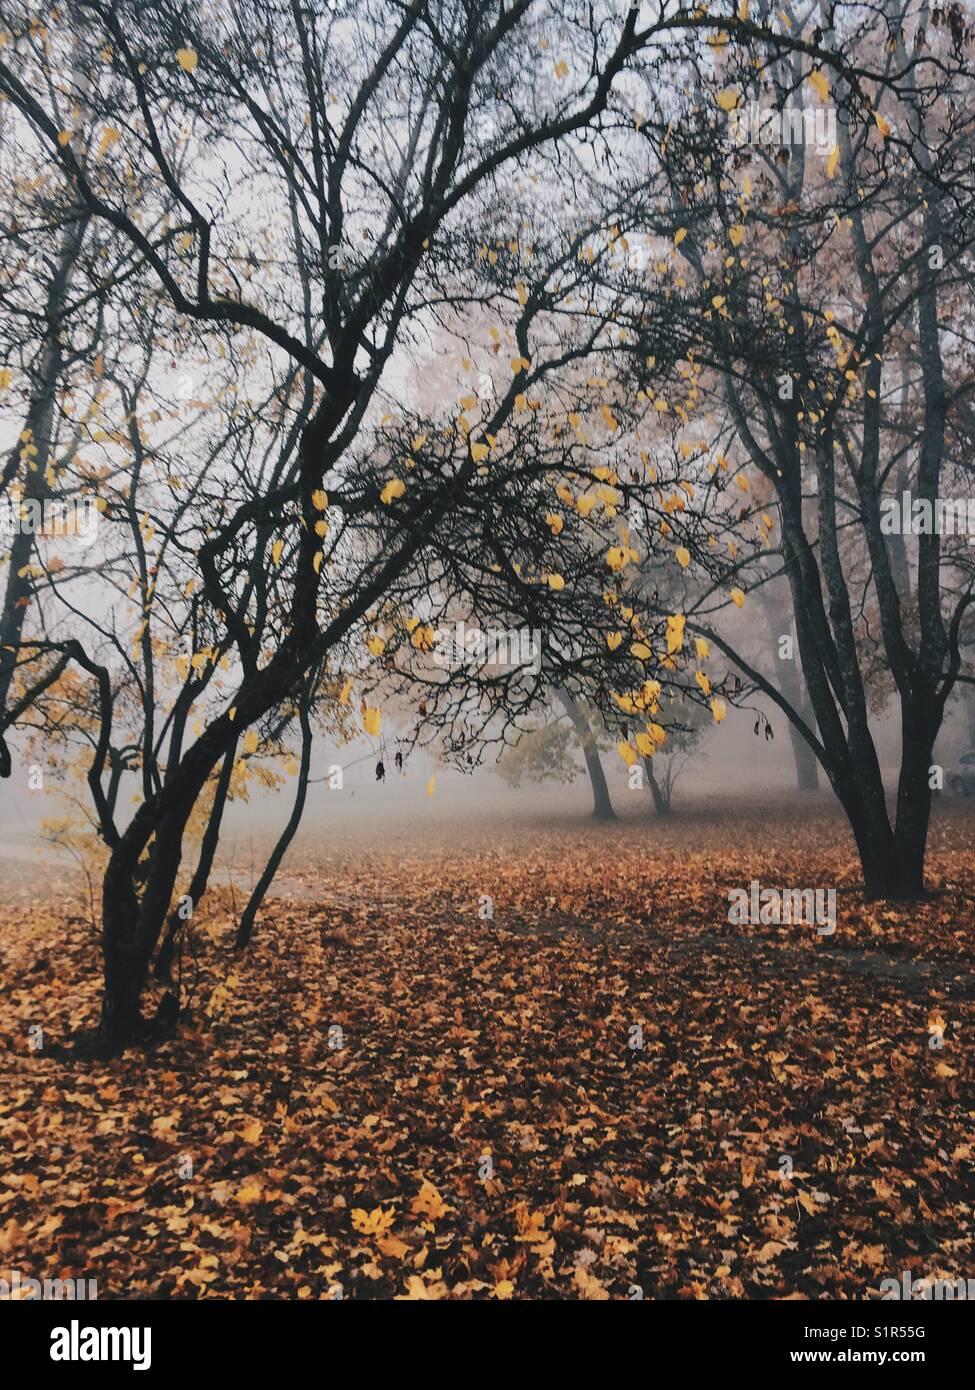 Landscapic mystérieuse scène avec arbres en automne brouillard. Photo Stock